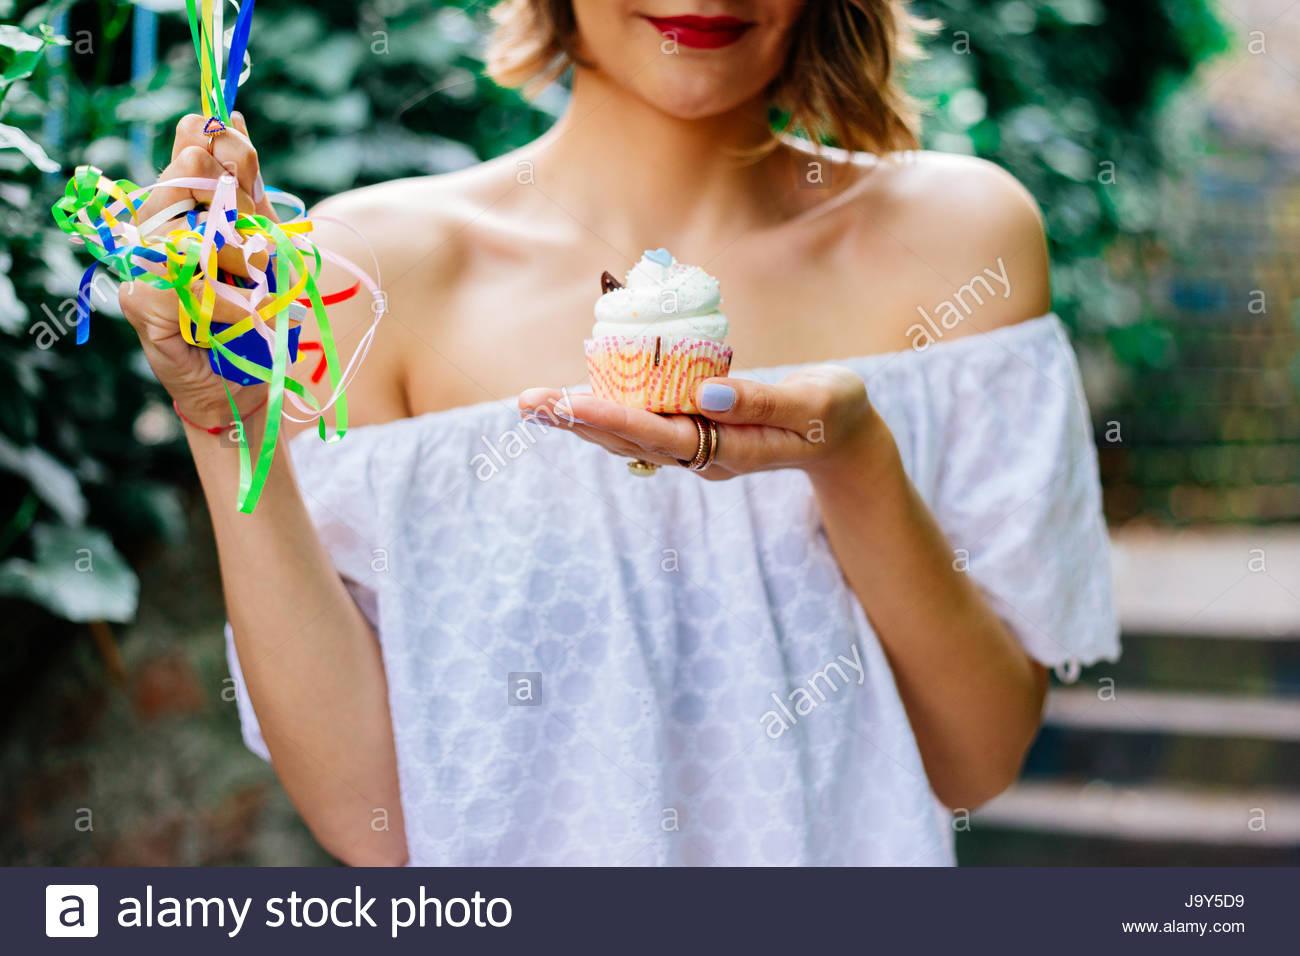 La mujer es feliz con su pastel de cumpleaños Imagen De Stock